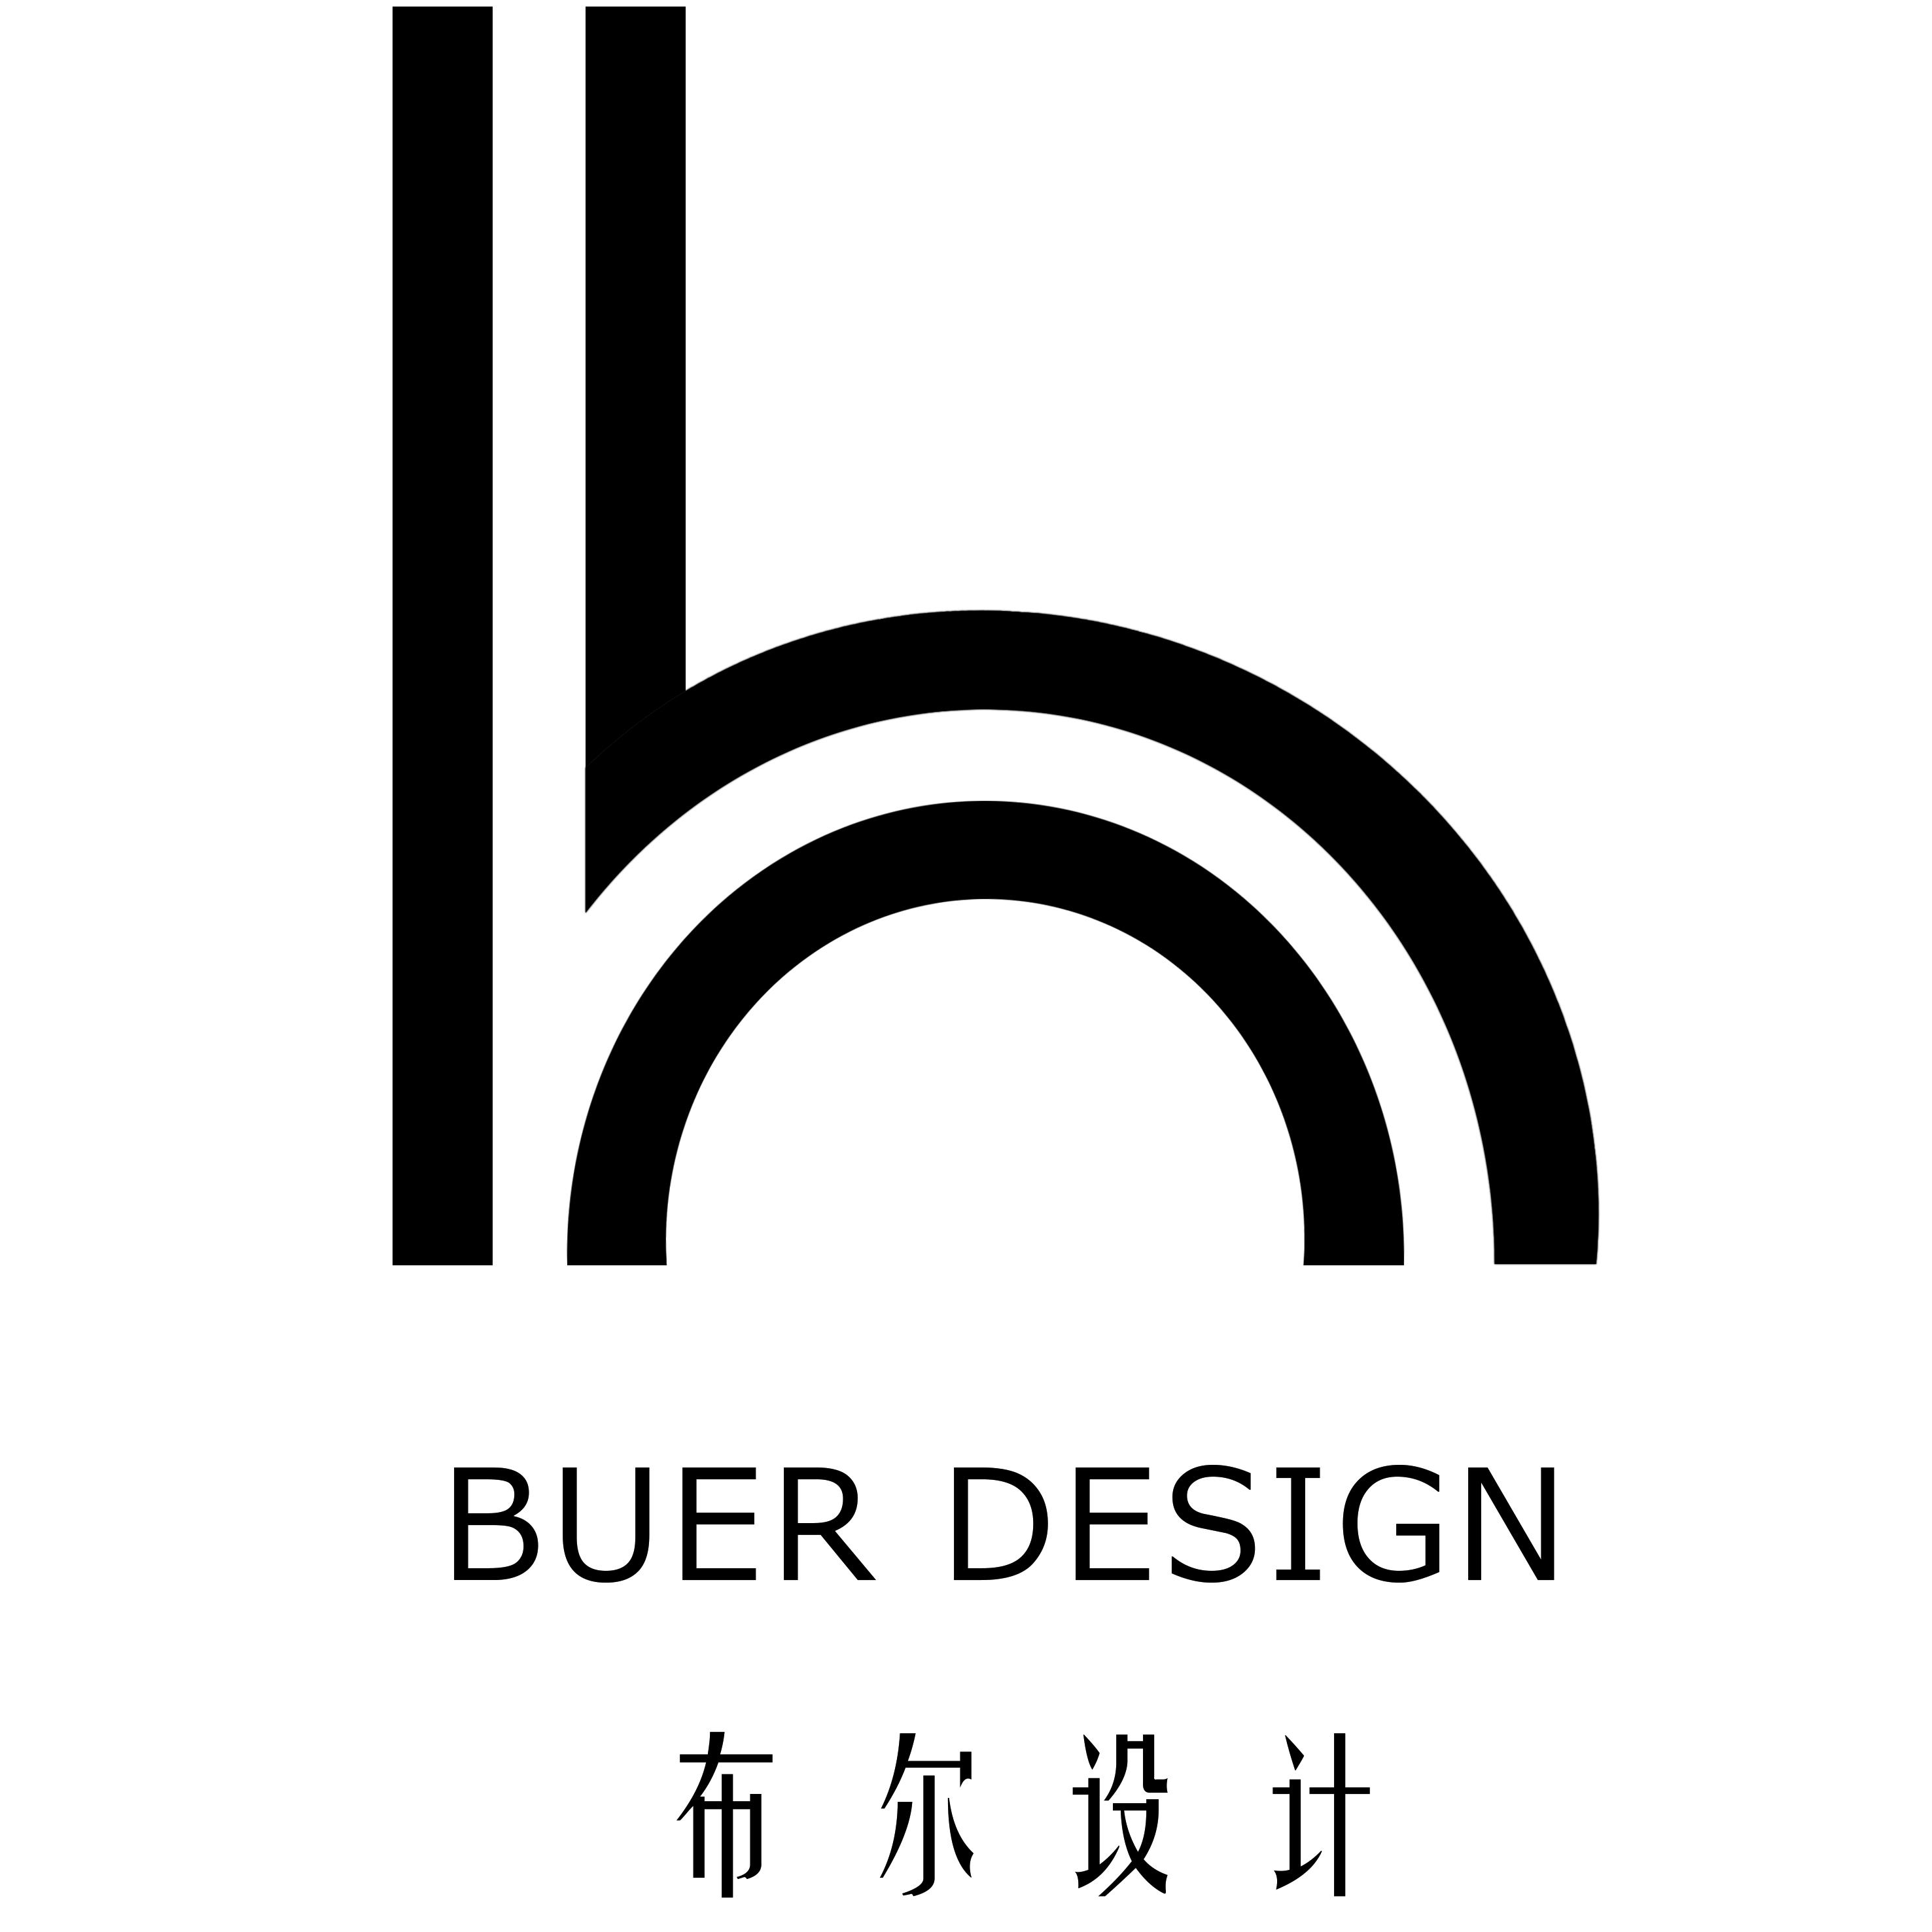 重庆布尔装饰设计有限公司